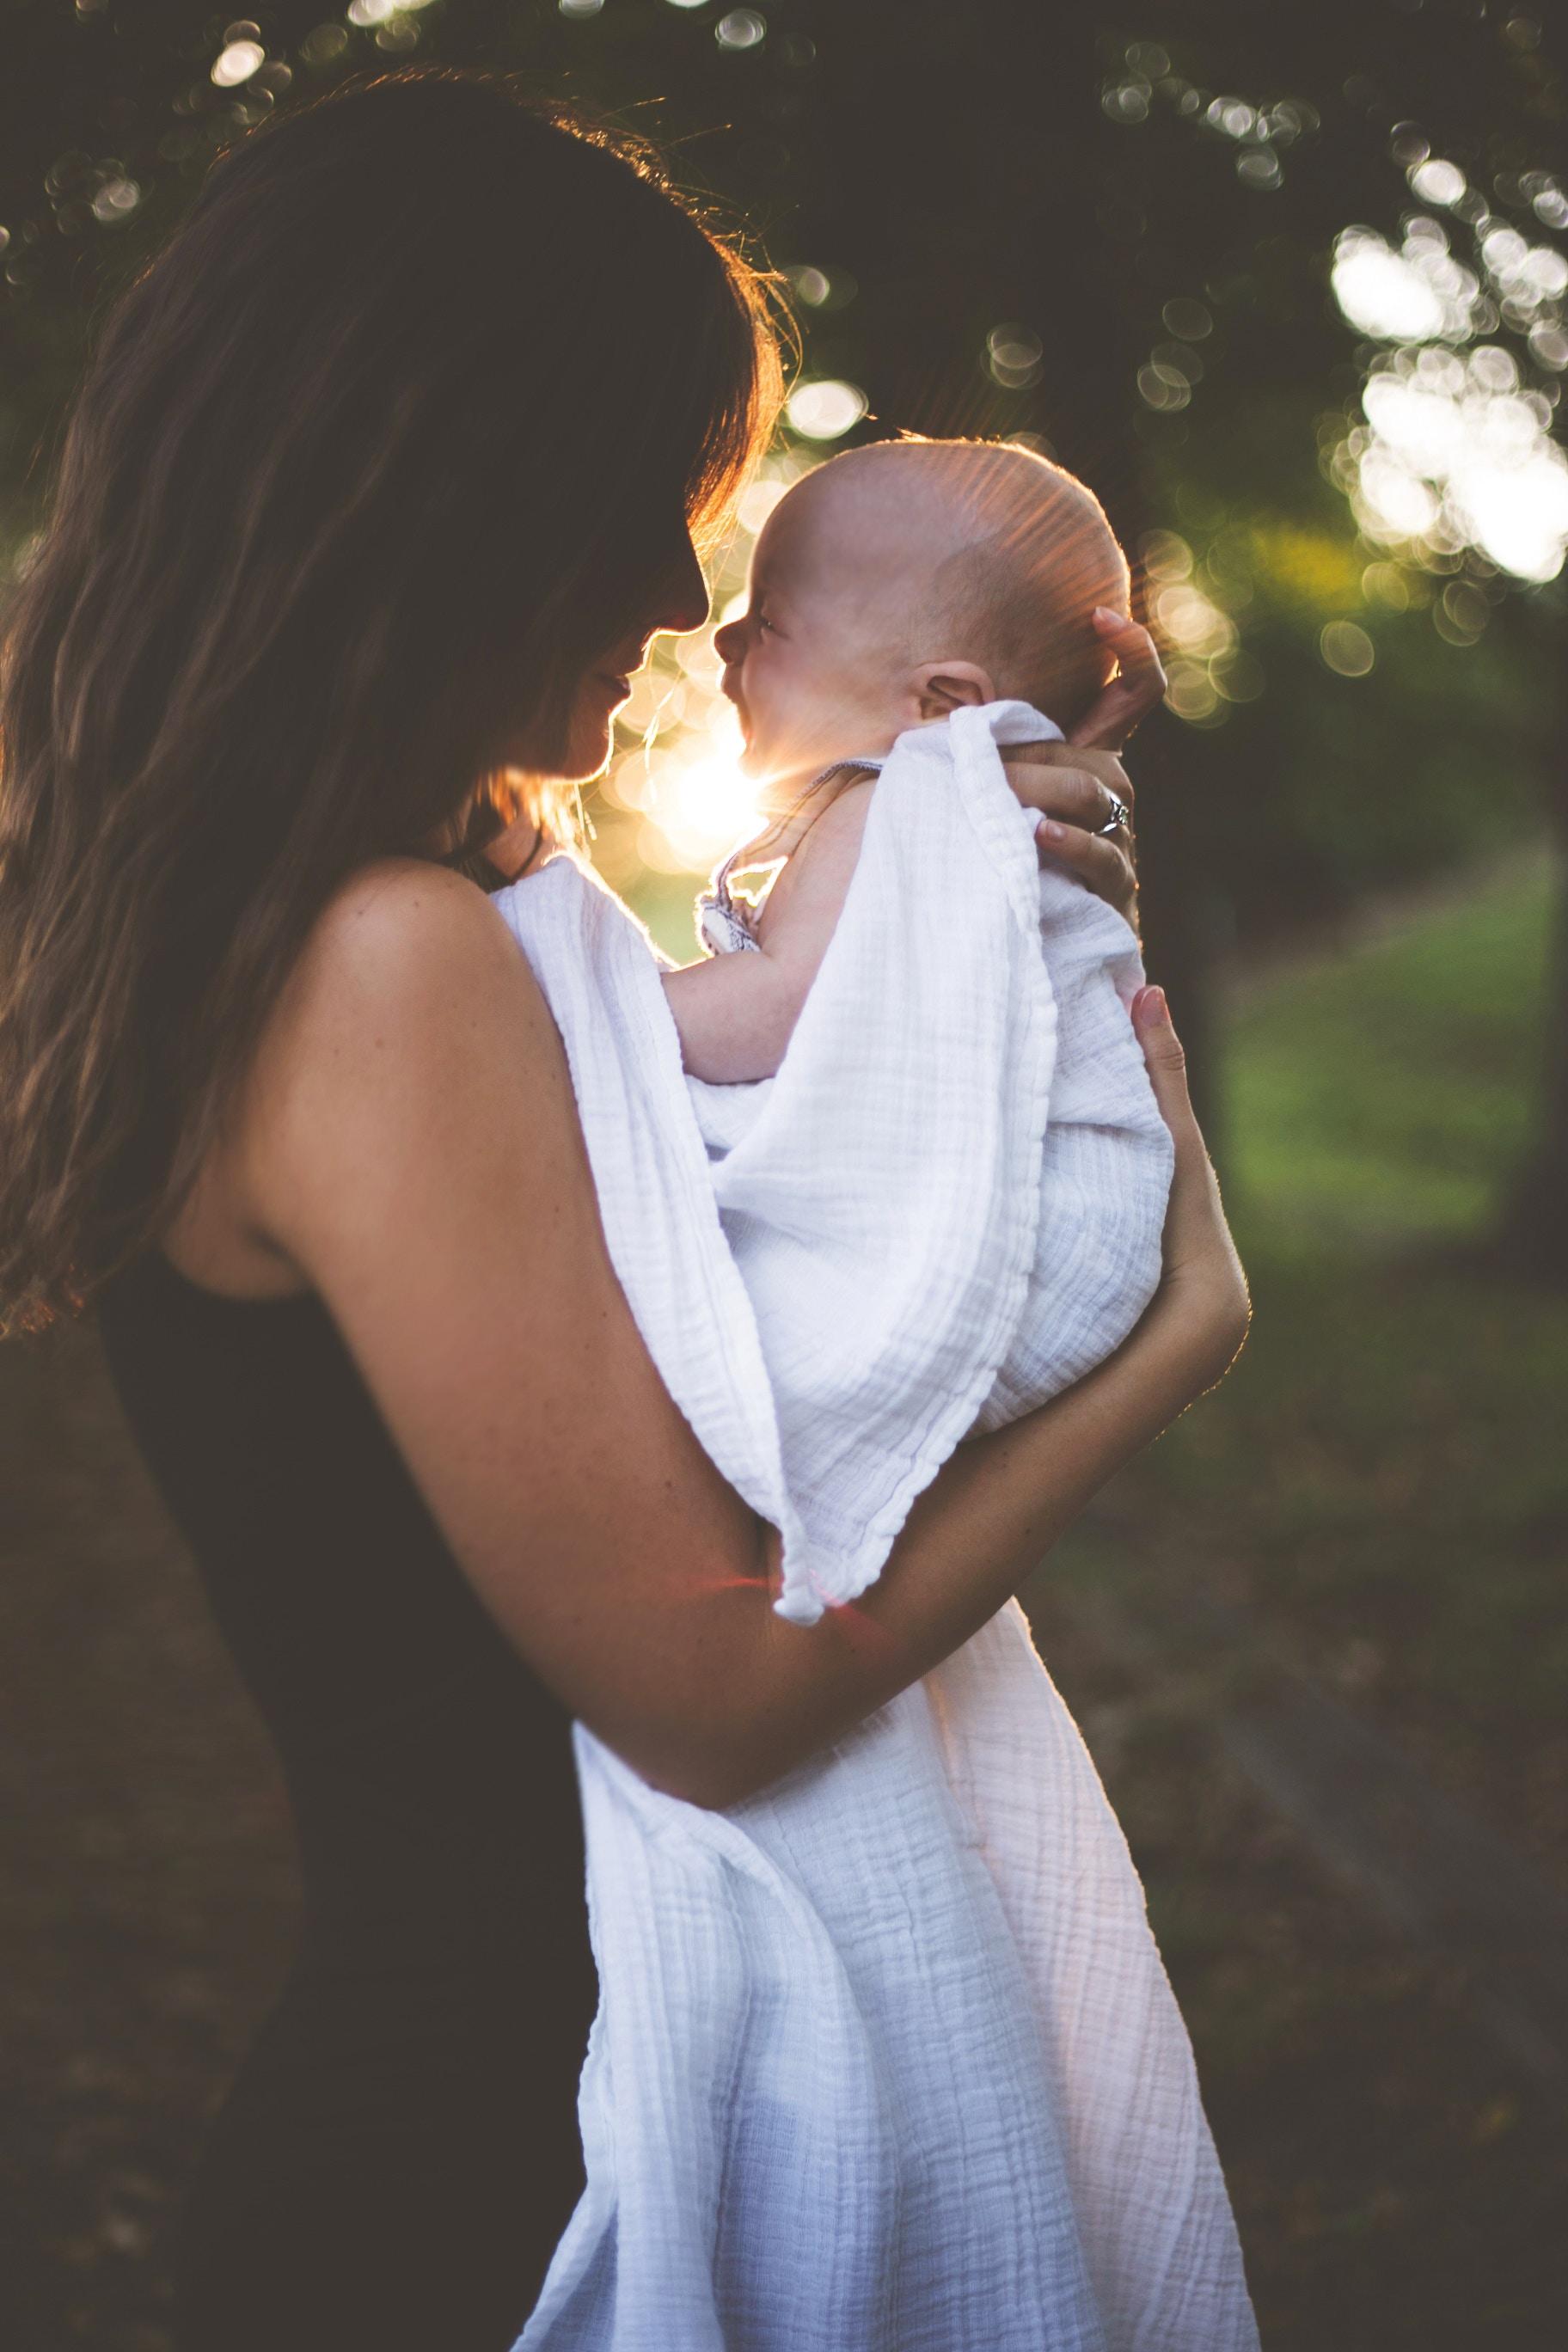 maman et enfant